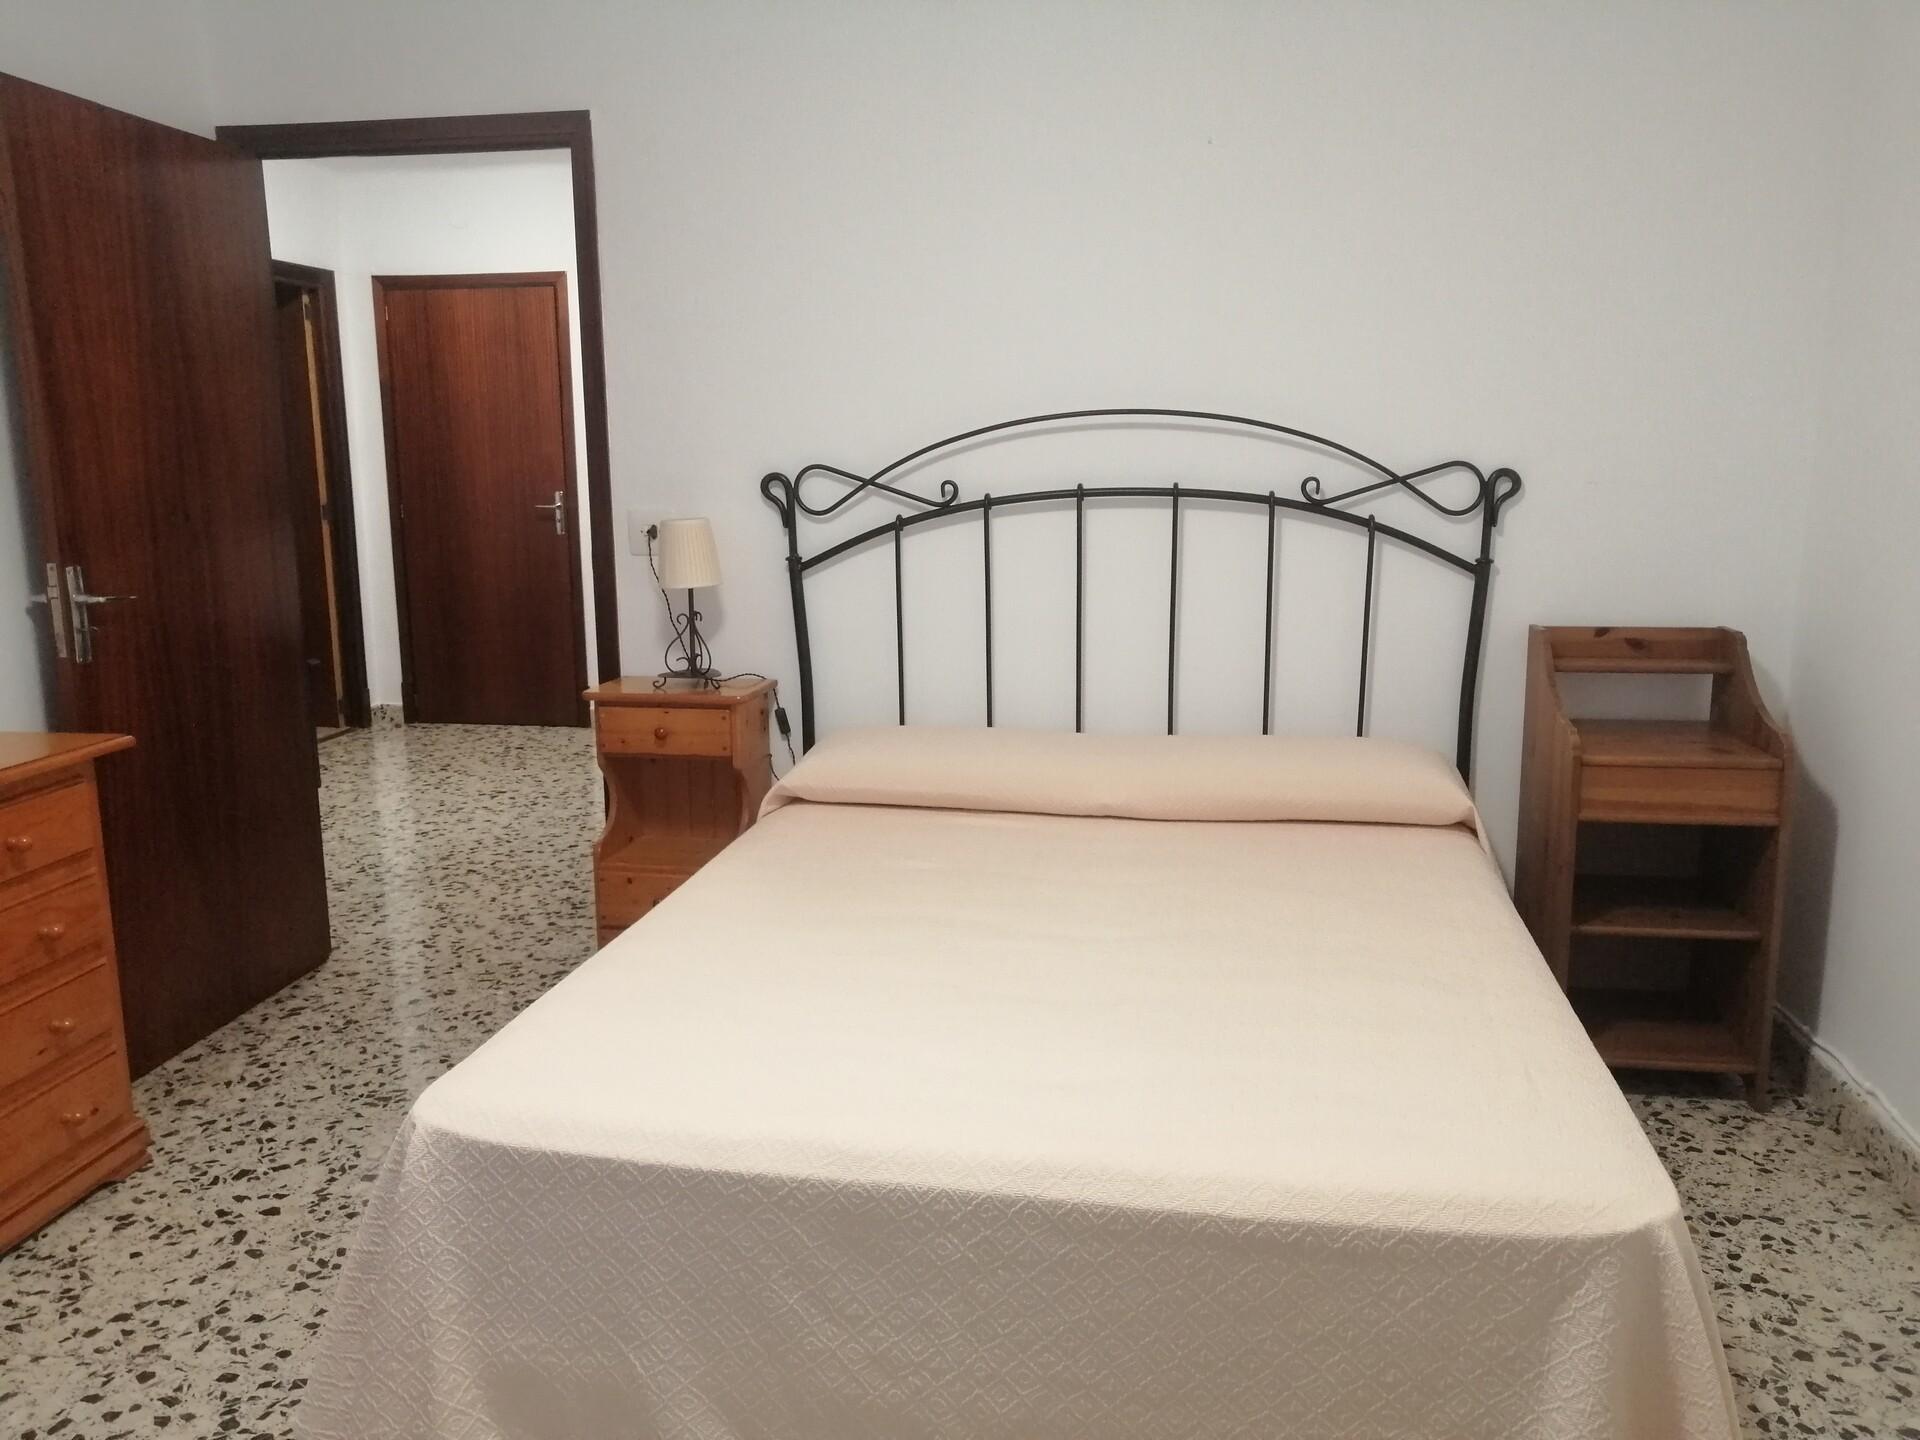 Se alquila amplia y céntrica habitación en Palma